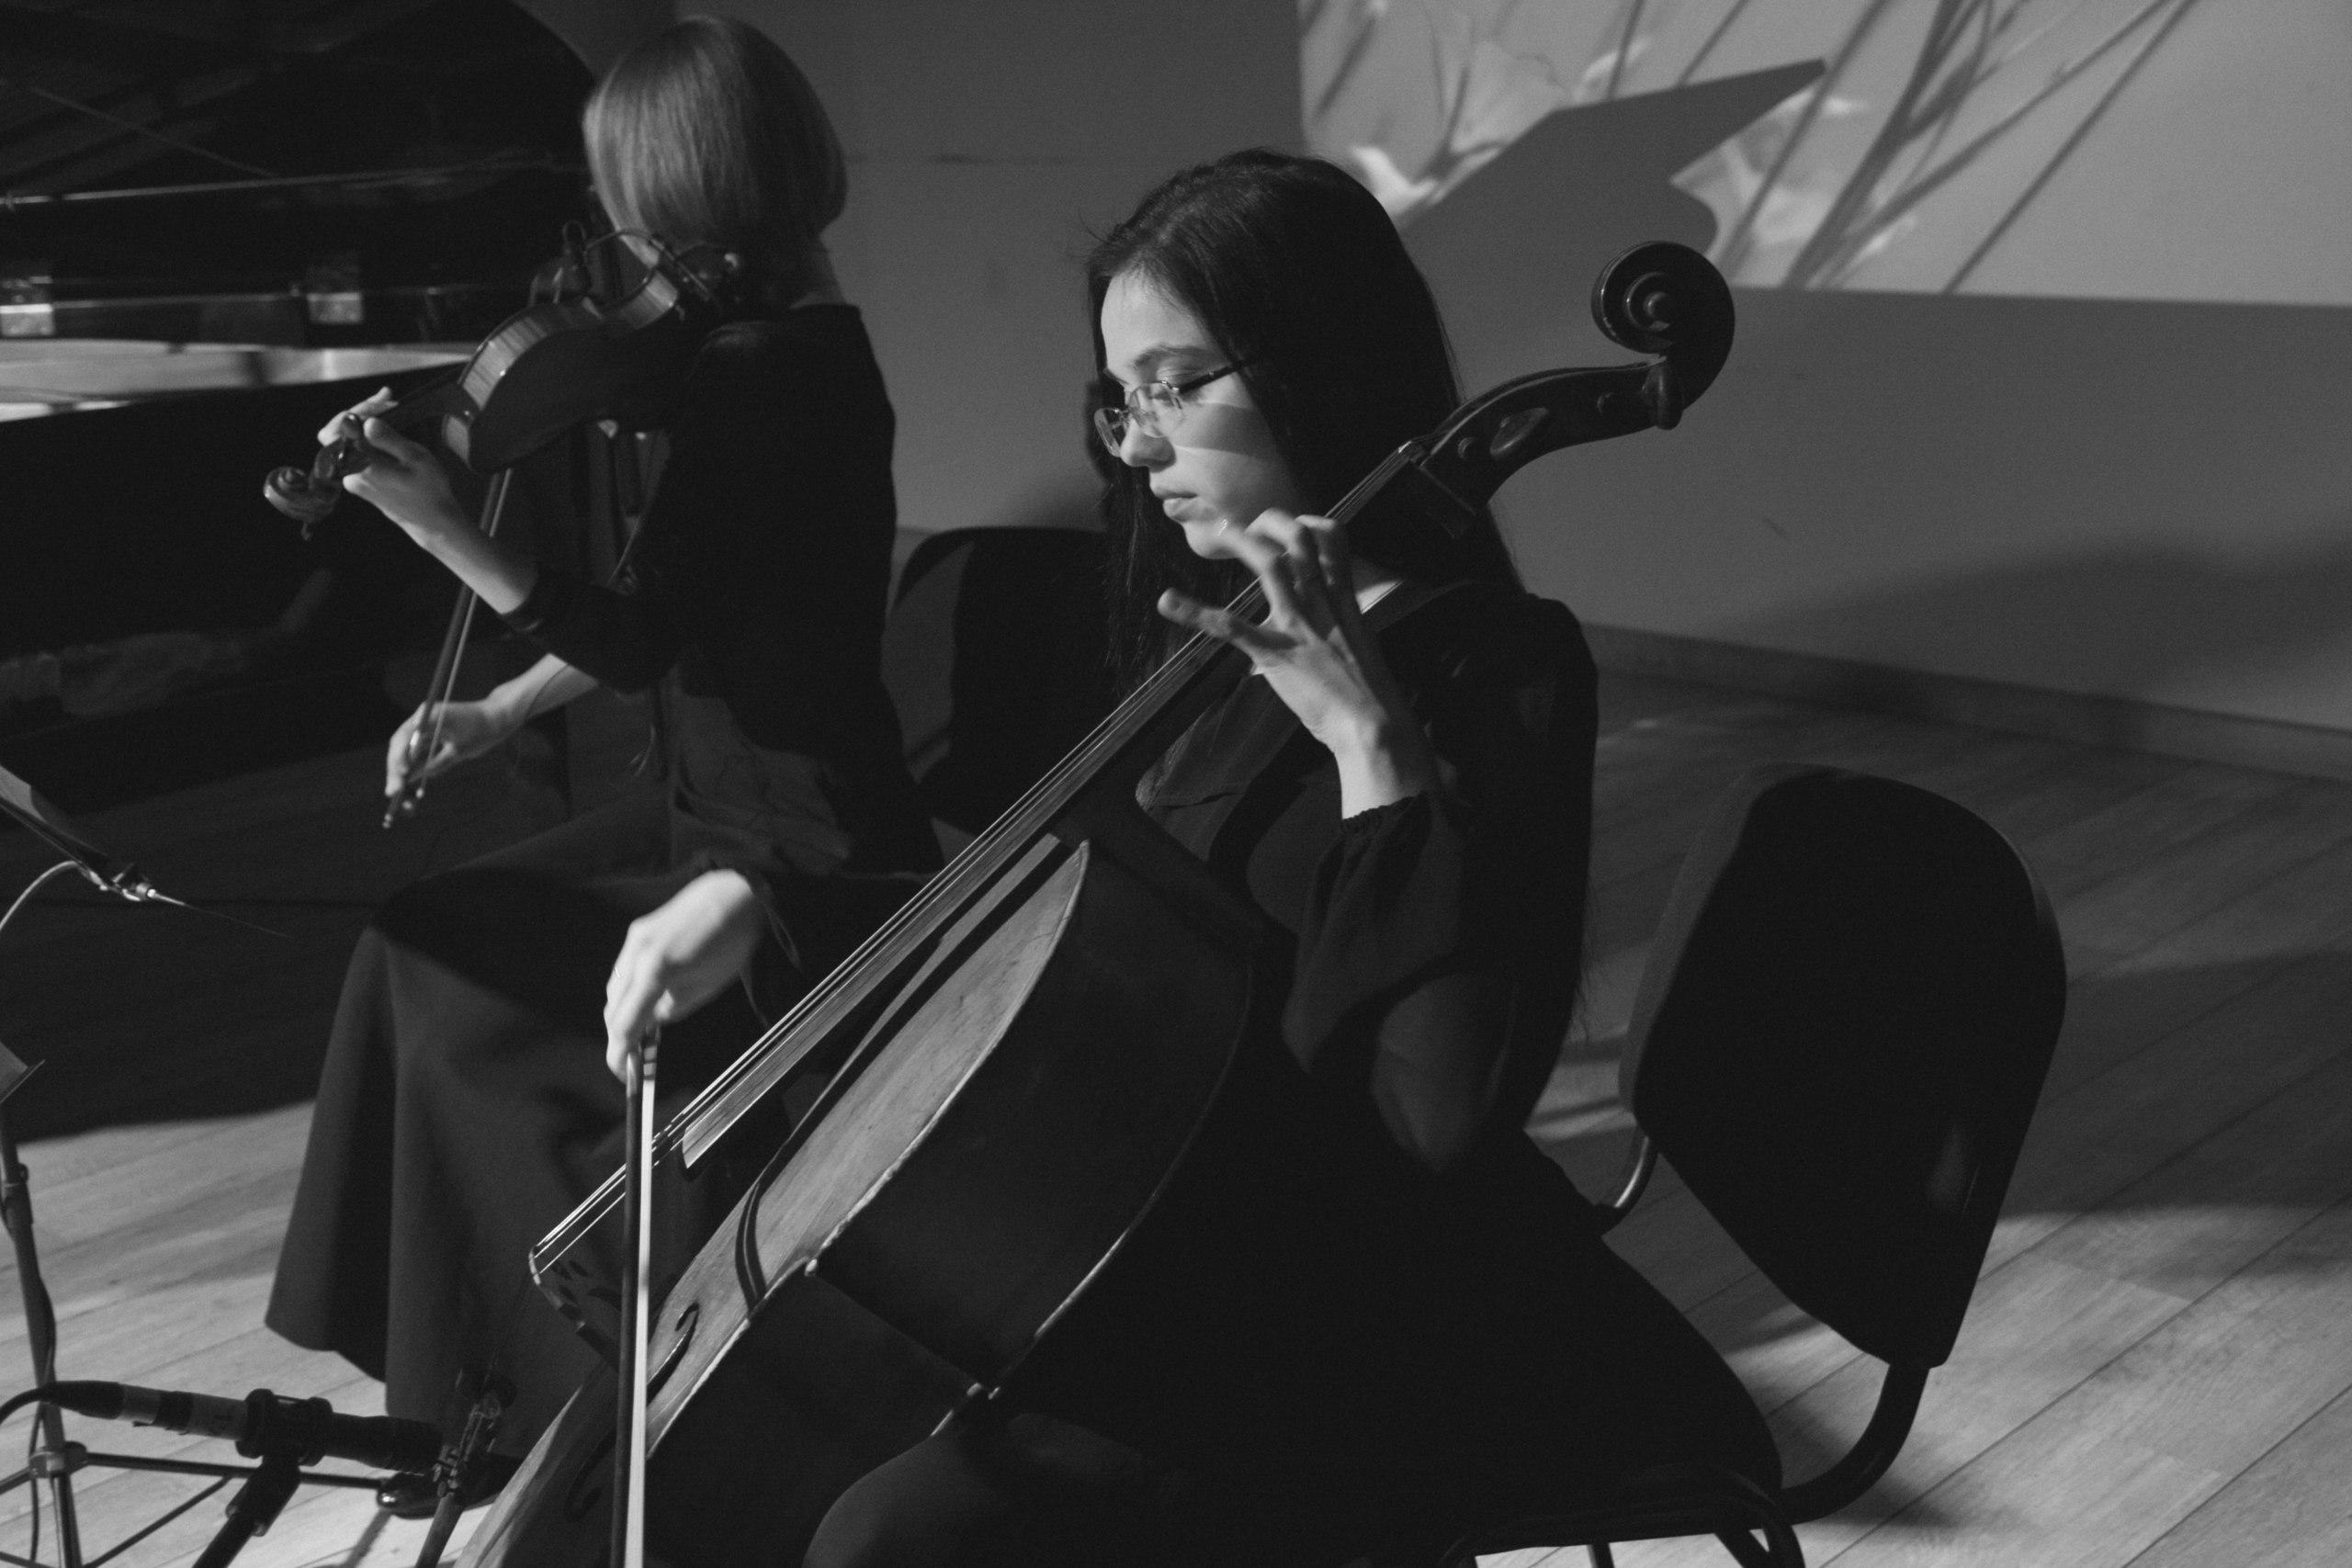 Концерт Егора Грушина в арт-центре Квартира